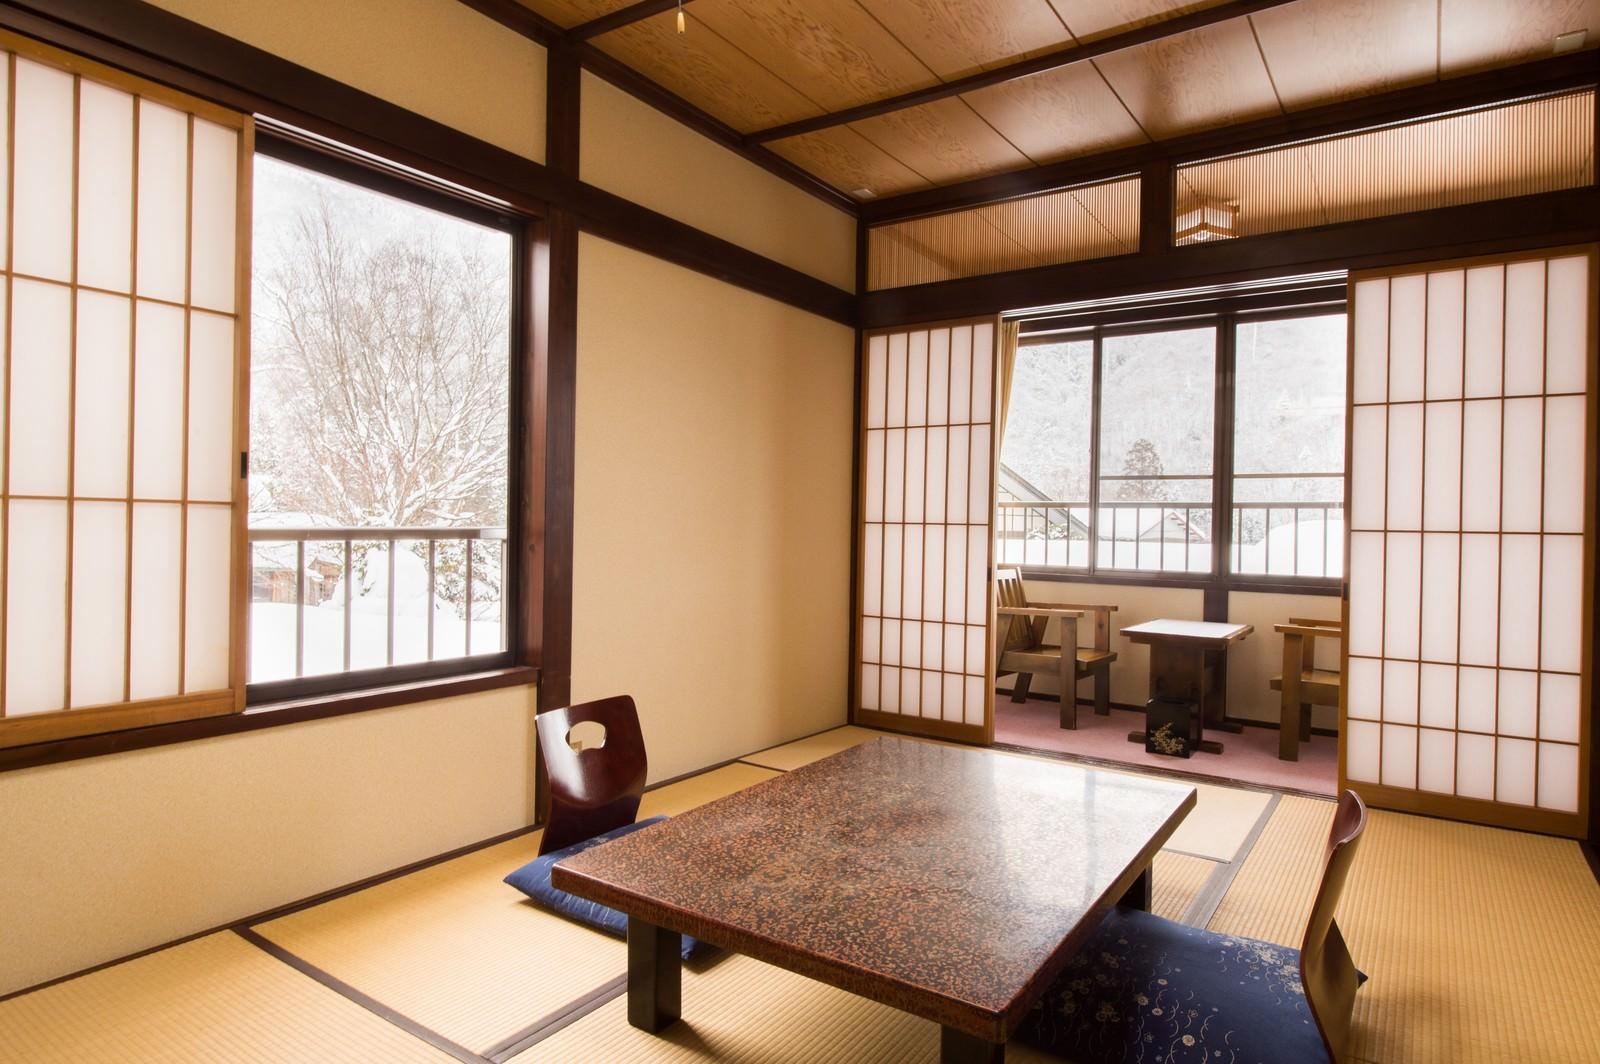 「奥飛騨の旅をゆったりと寛げる宿(栄太郎)奥飛騨の旅をゆったりと寛げる宿(栄太郎)」のフリー写真素材を拡大